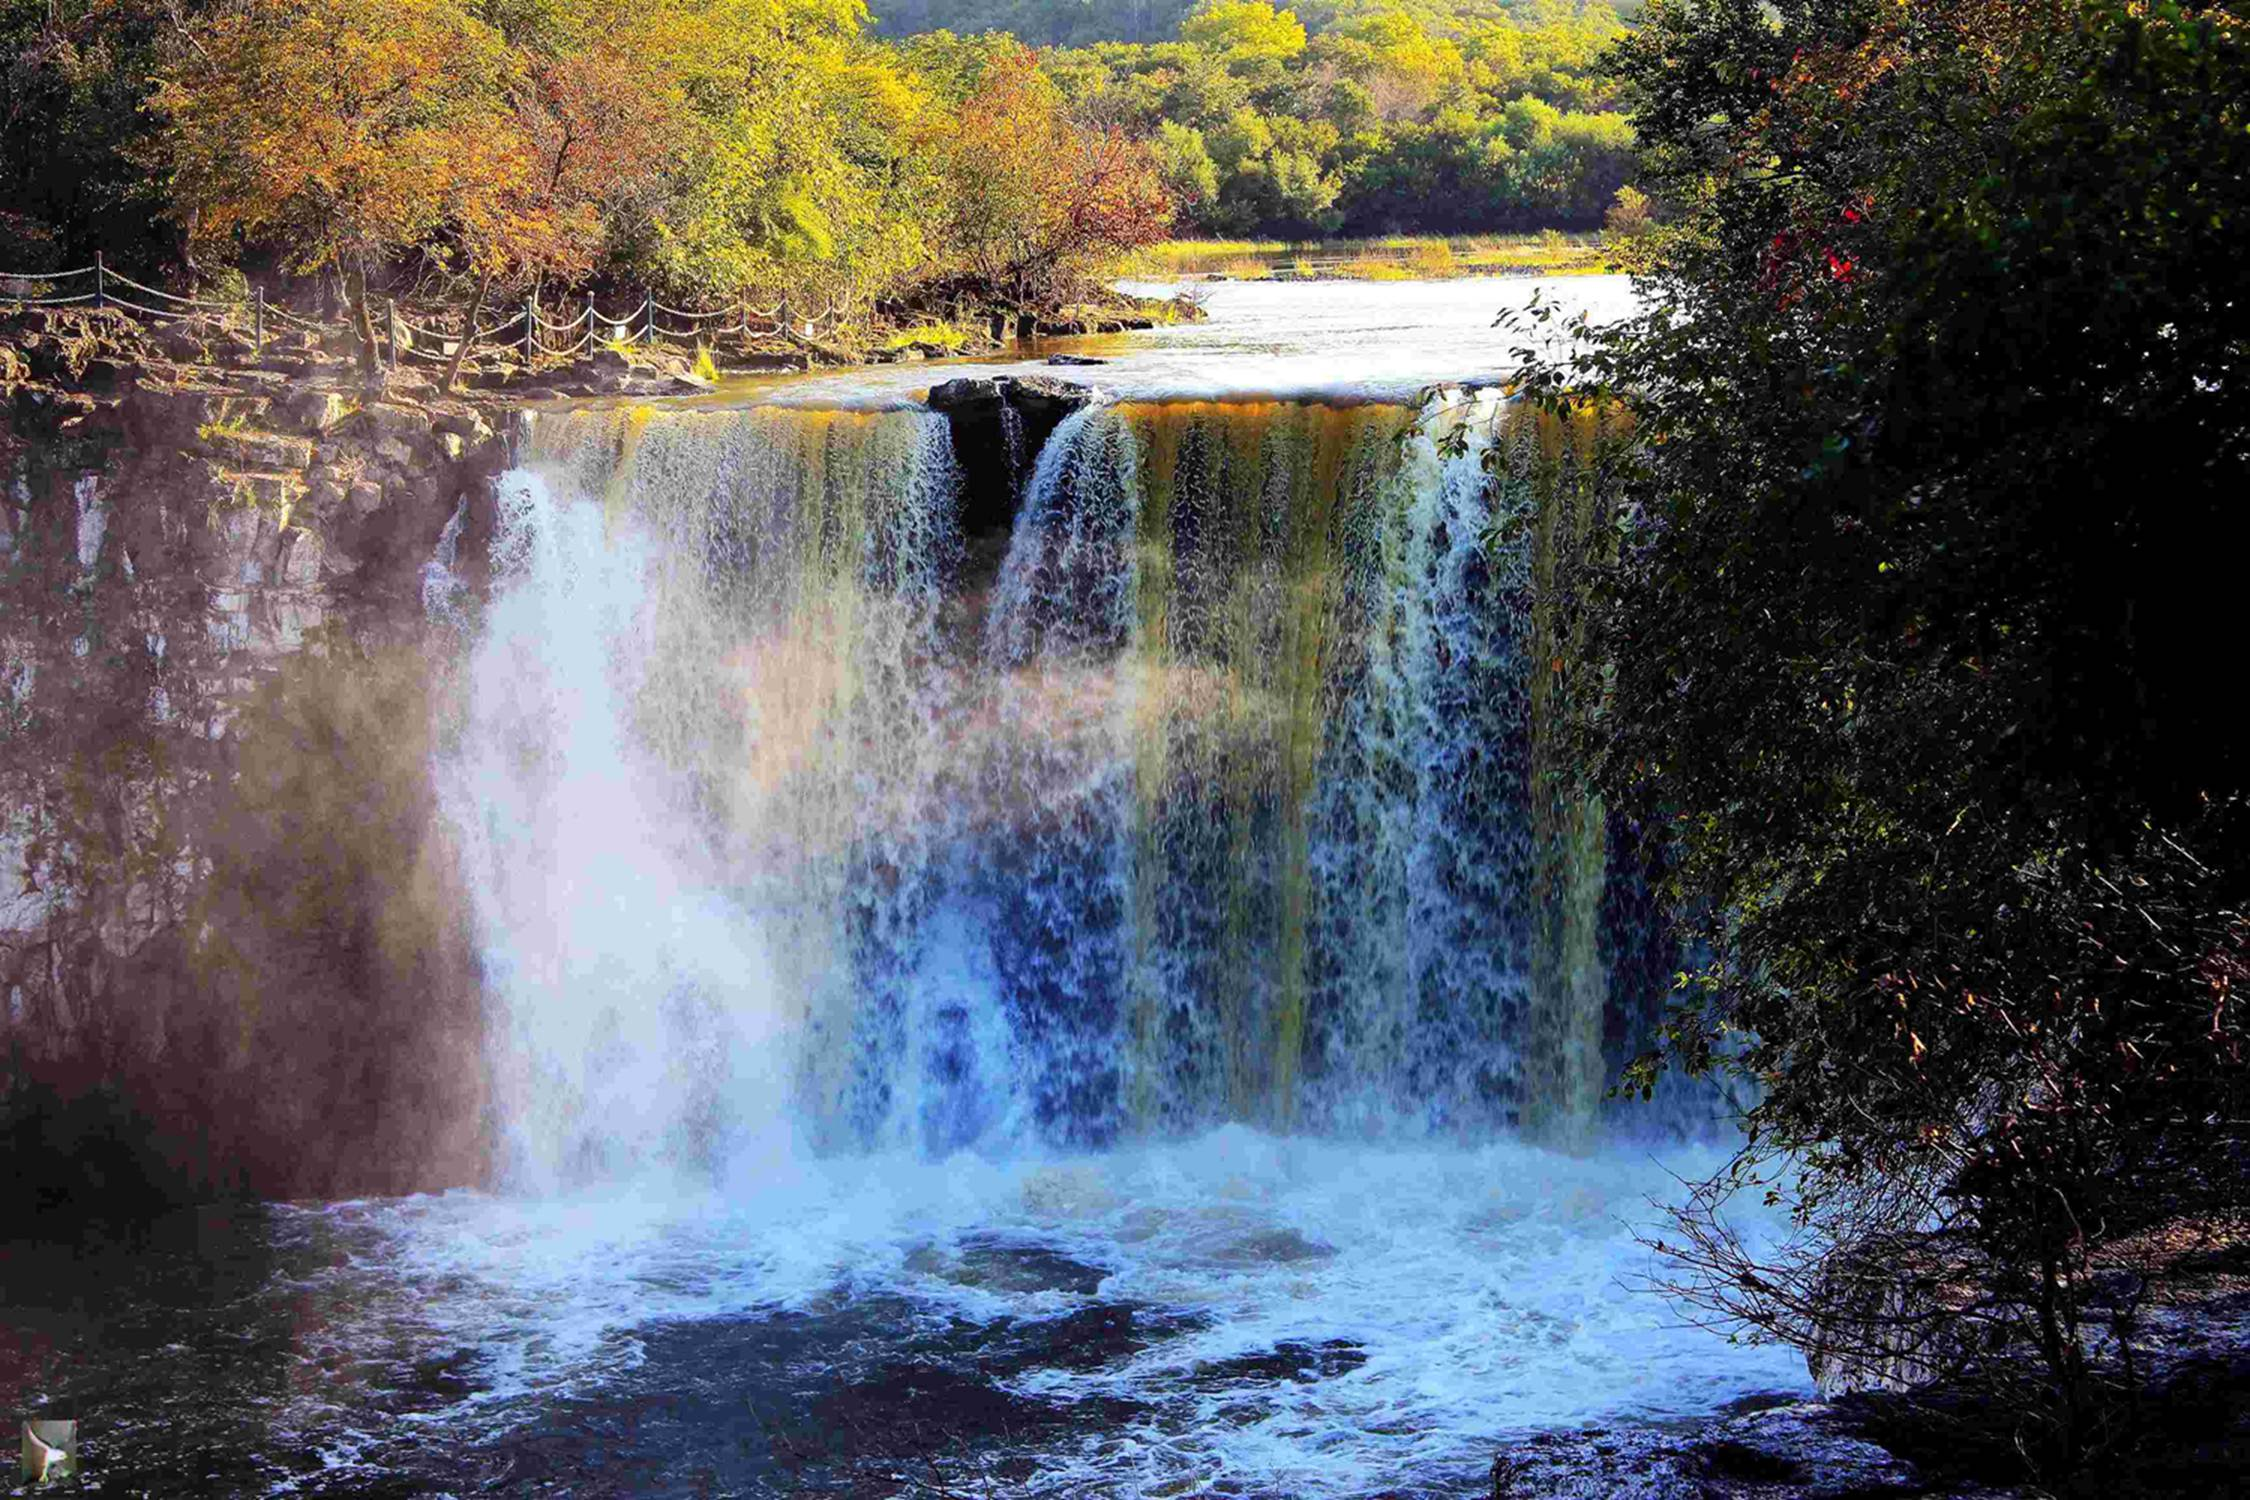 壁纸 风景 旅游 瀑布 山水 桌面 2250_1500